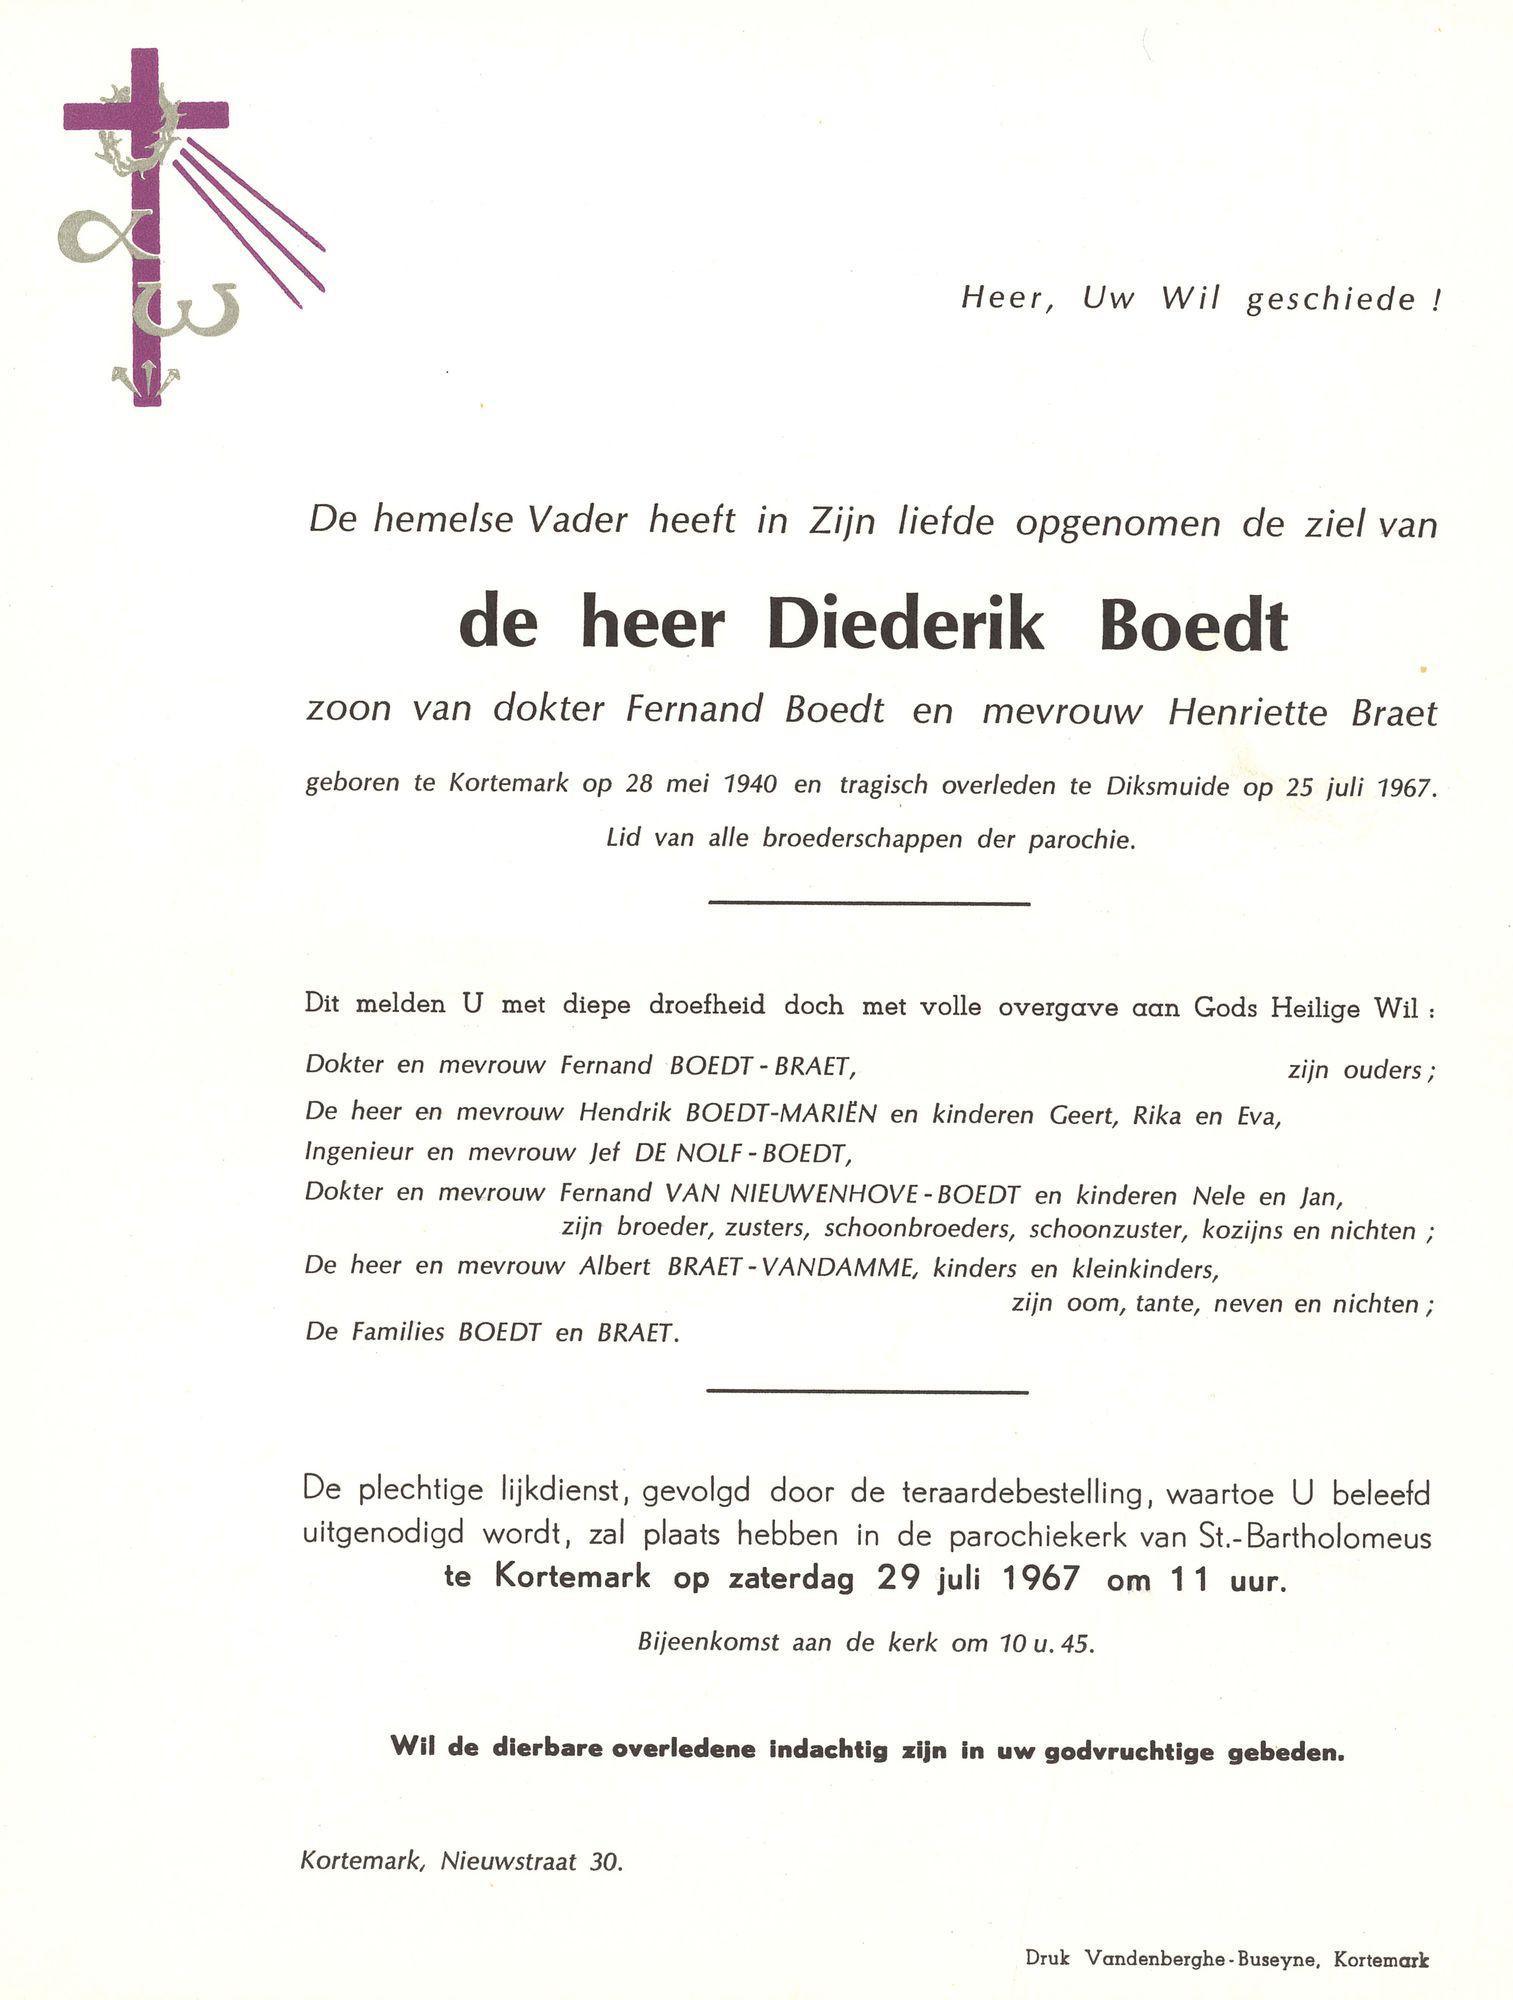 Diederik Boedt